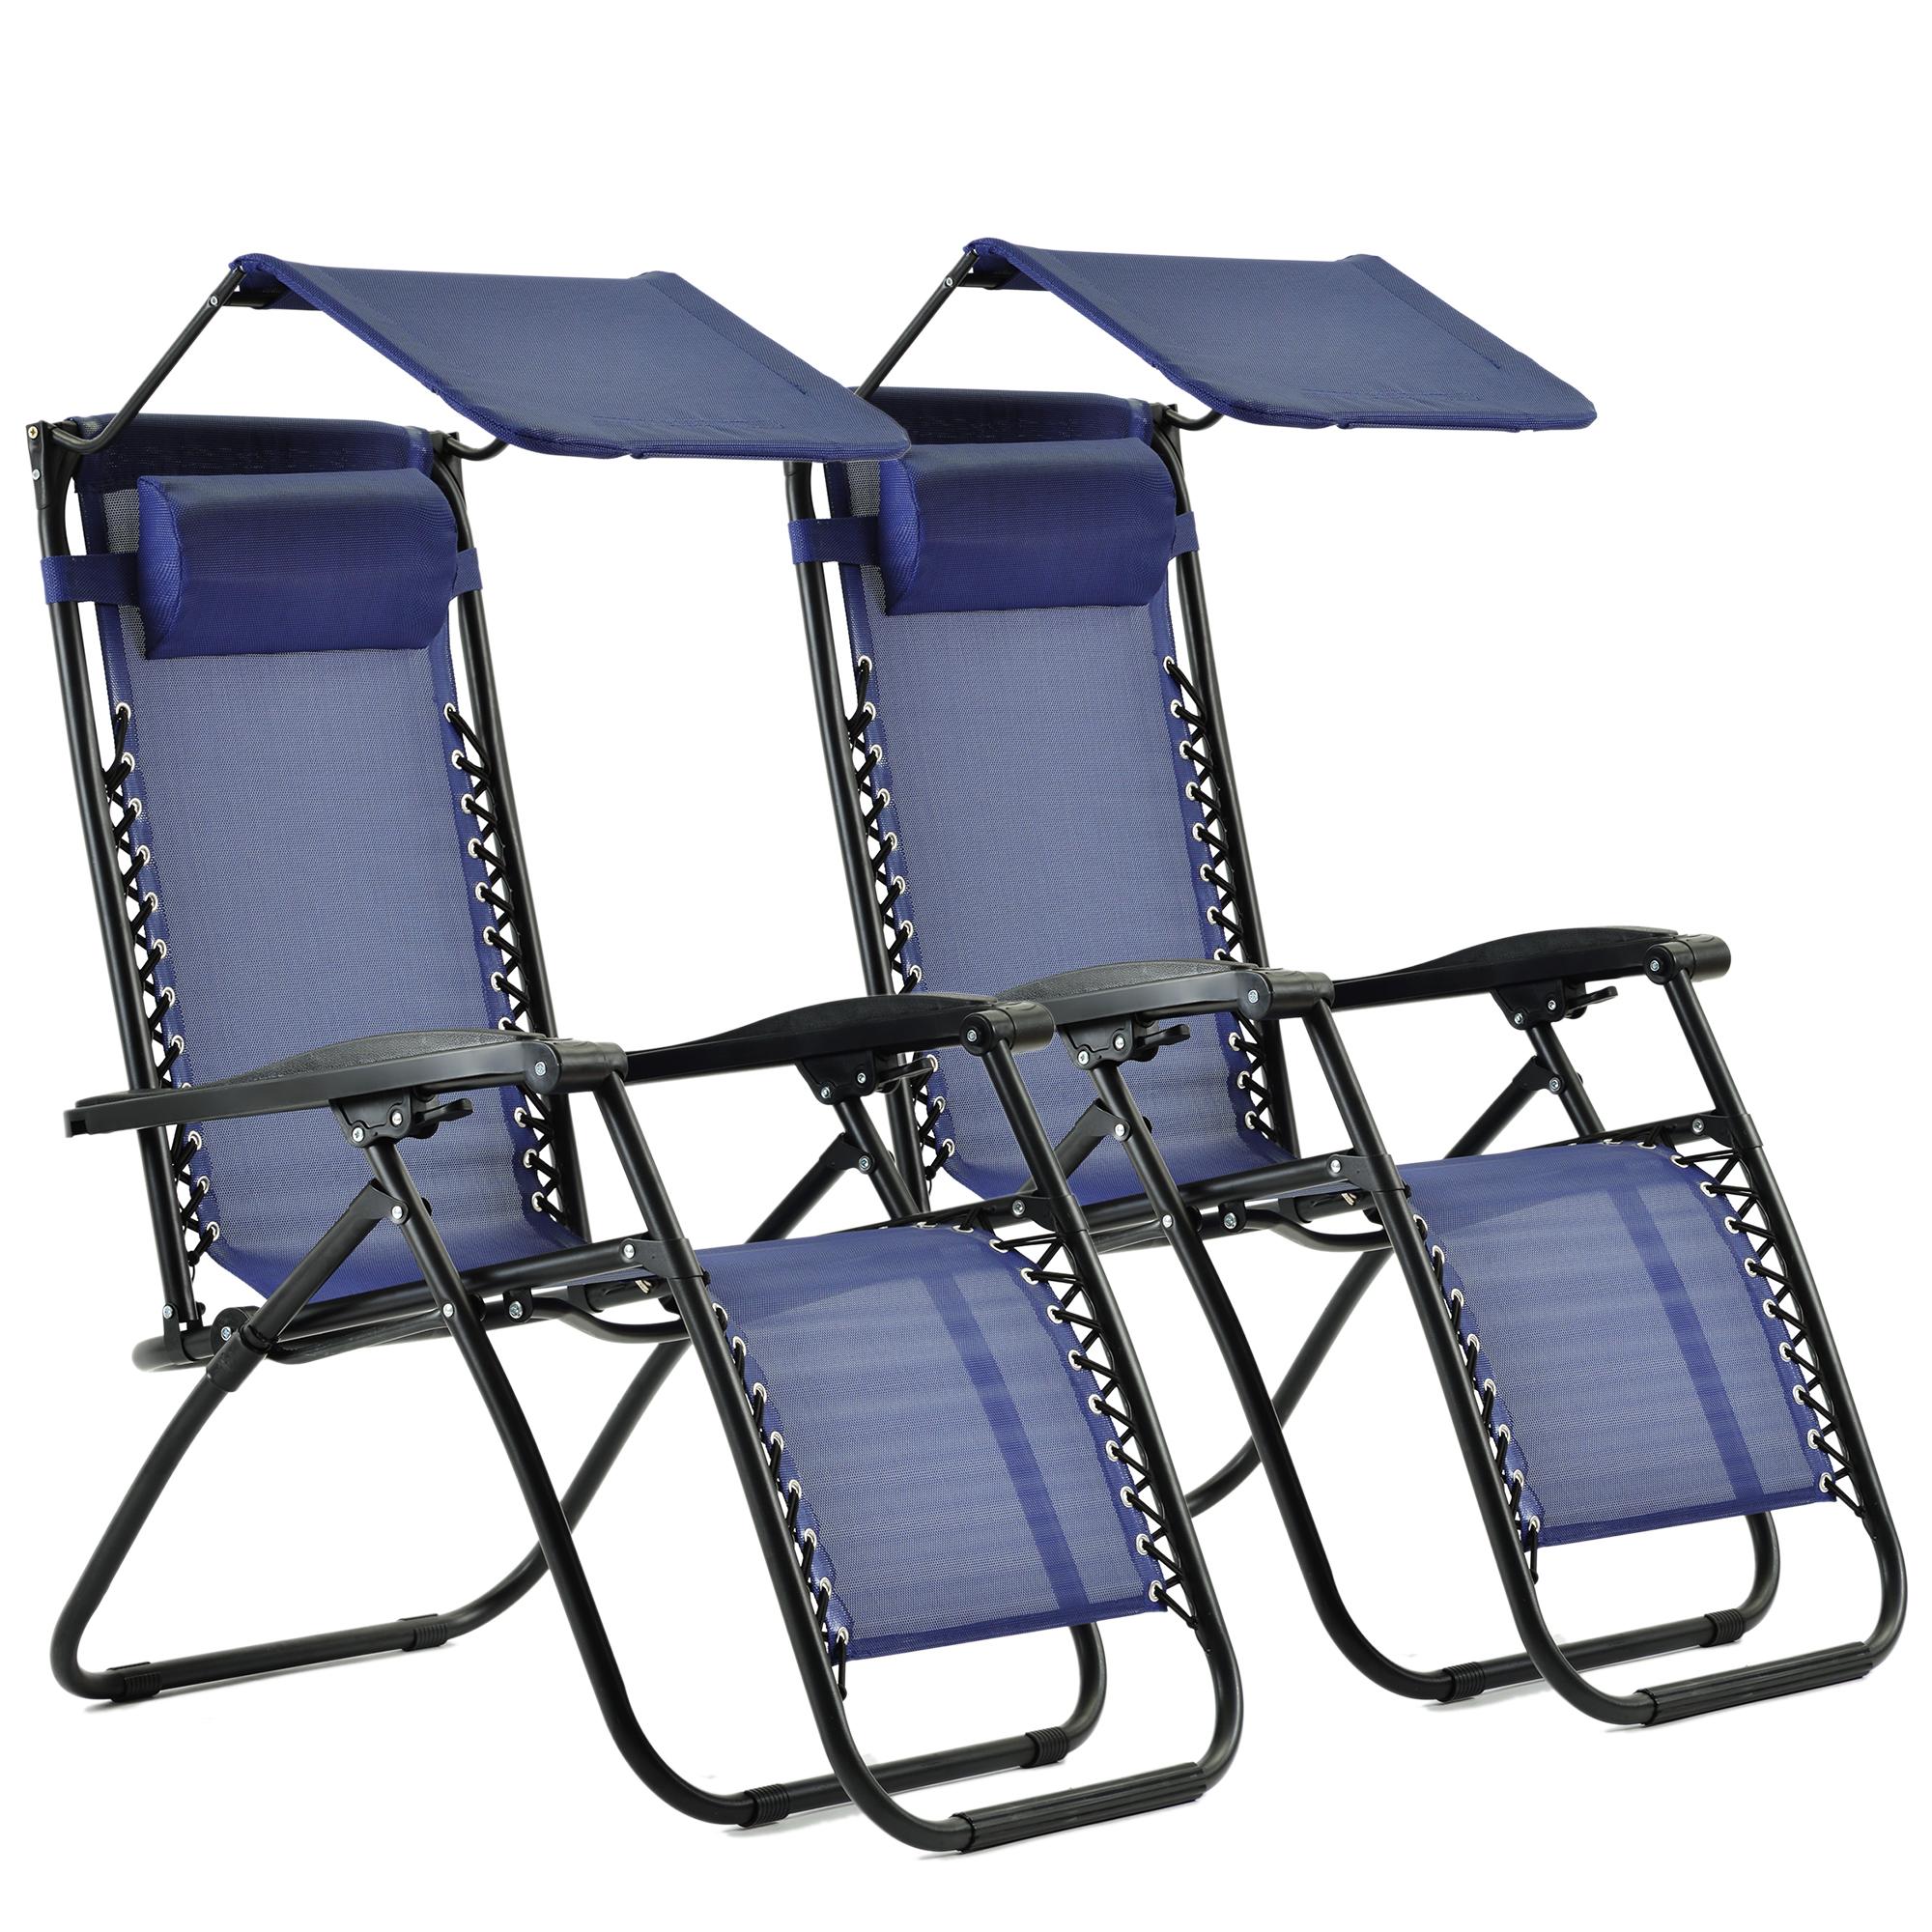 zero gravity chair folding garden chair-2-piece Suite